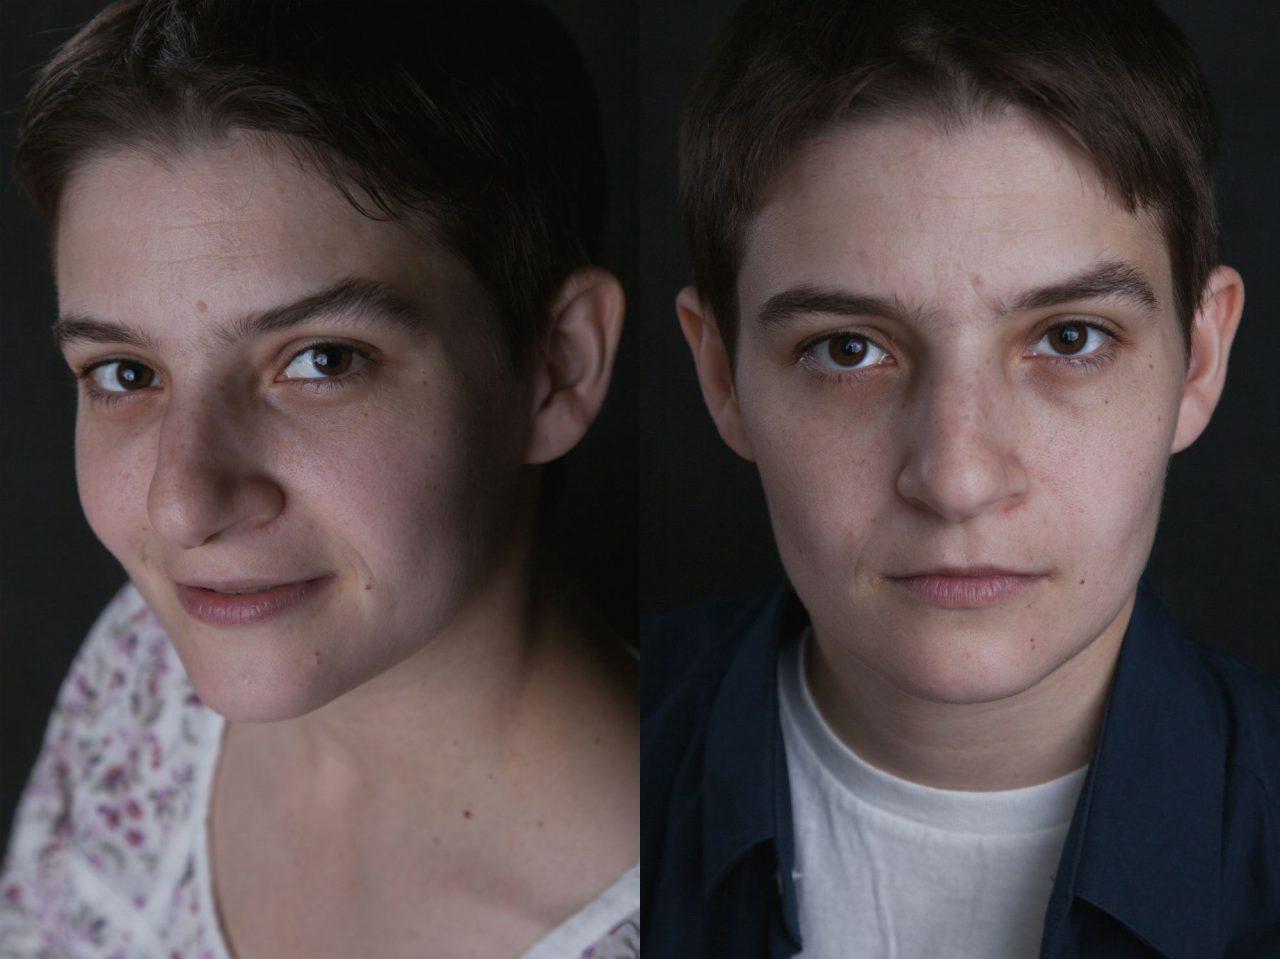 Красивые фото лесбиянок внешность мальчика фото 87-651